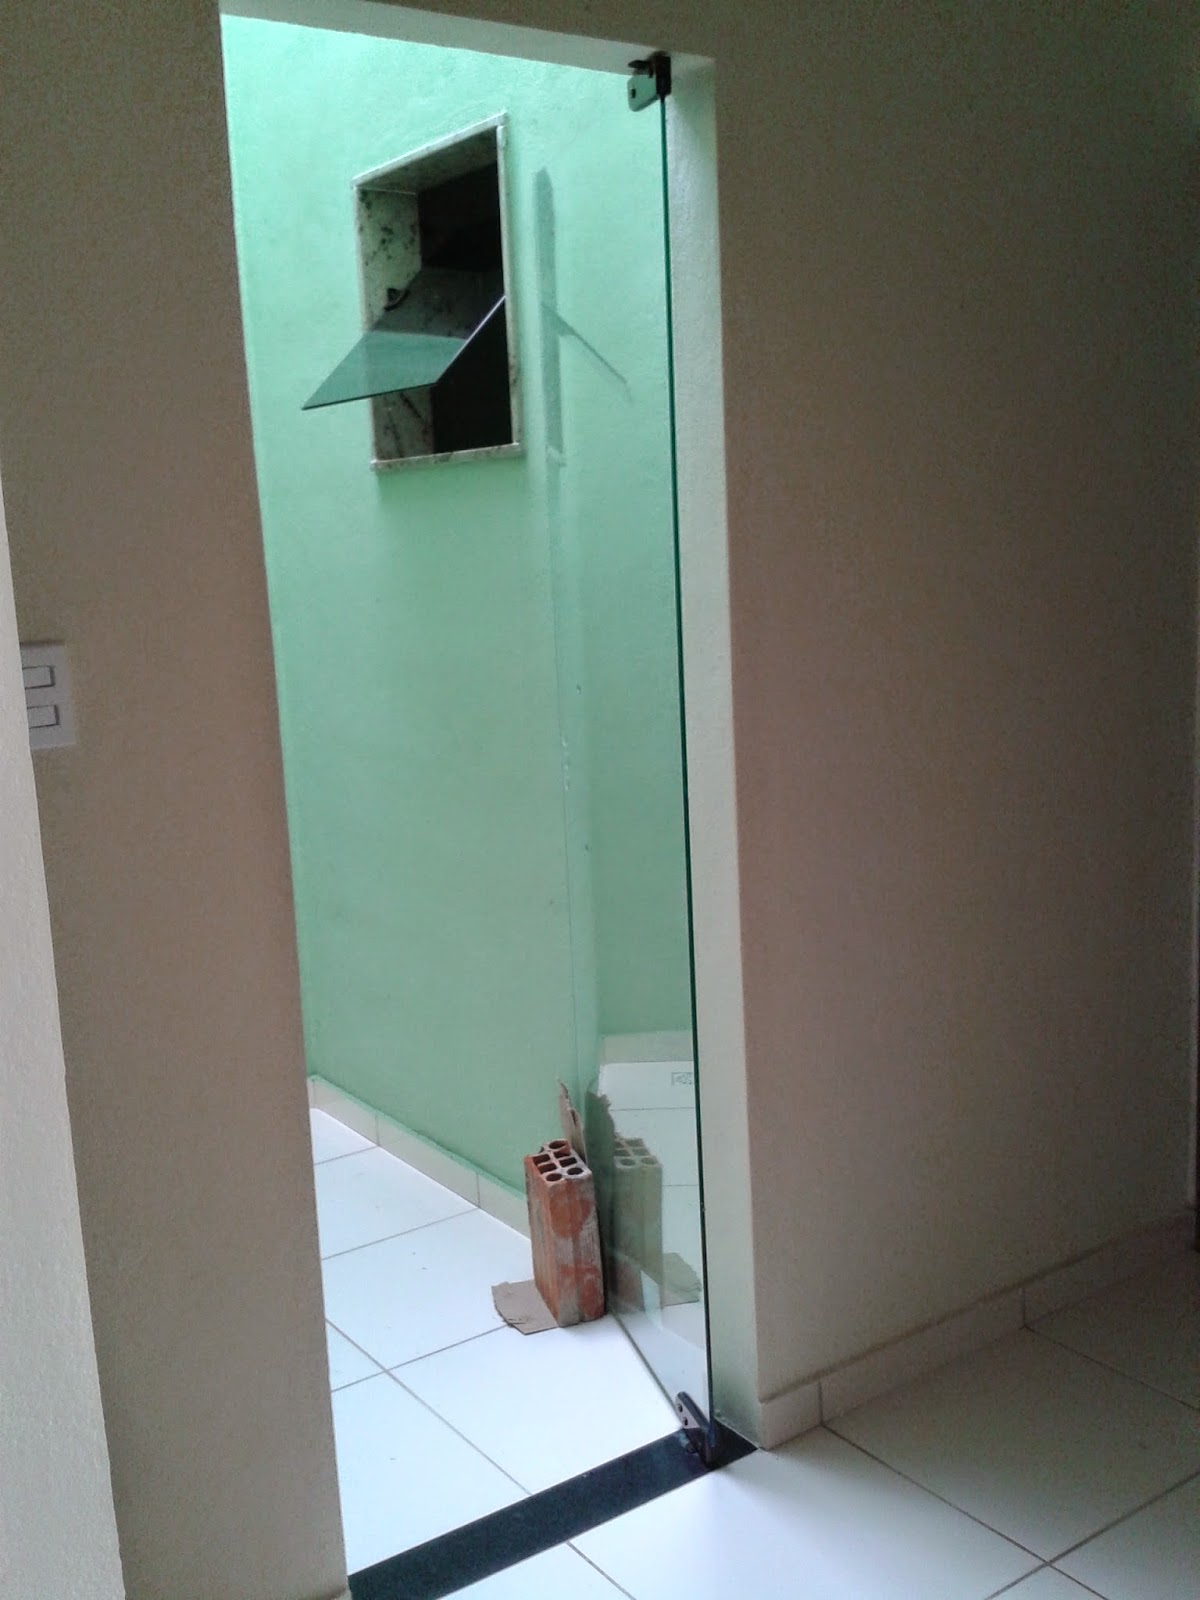 #326D99 acabamento das janelas dos banheiros e da janela da cozinha  318 Janelas De Vidro Temperado Em Ribeirão Preto